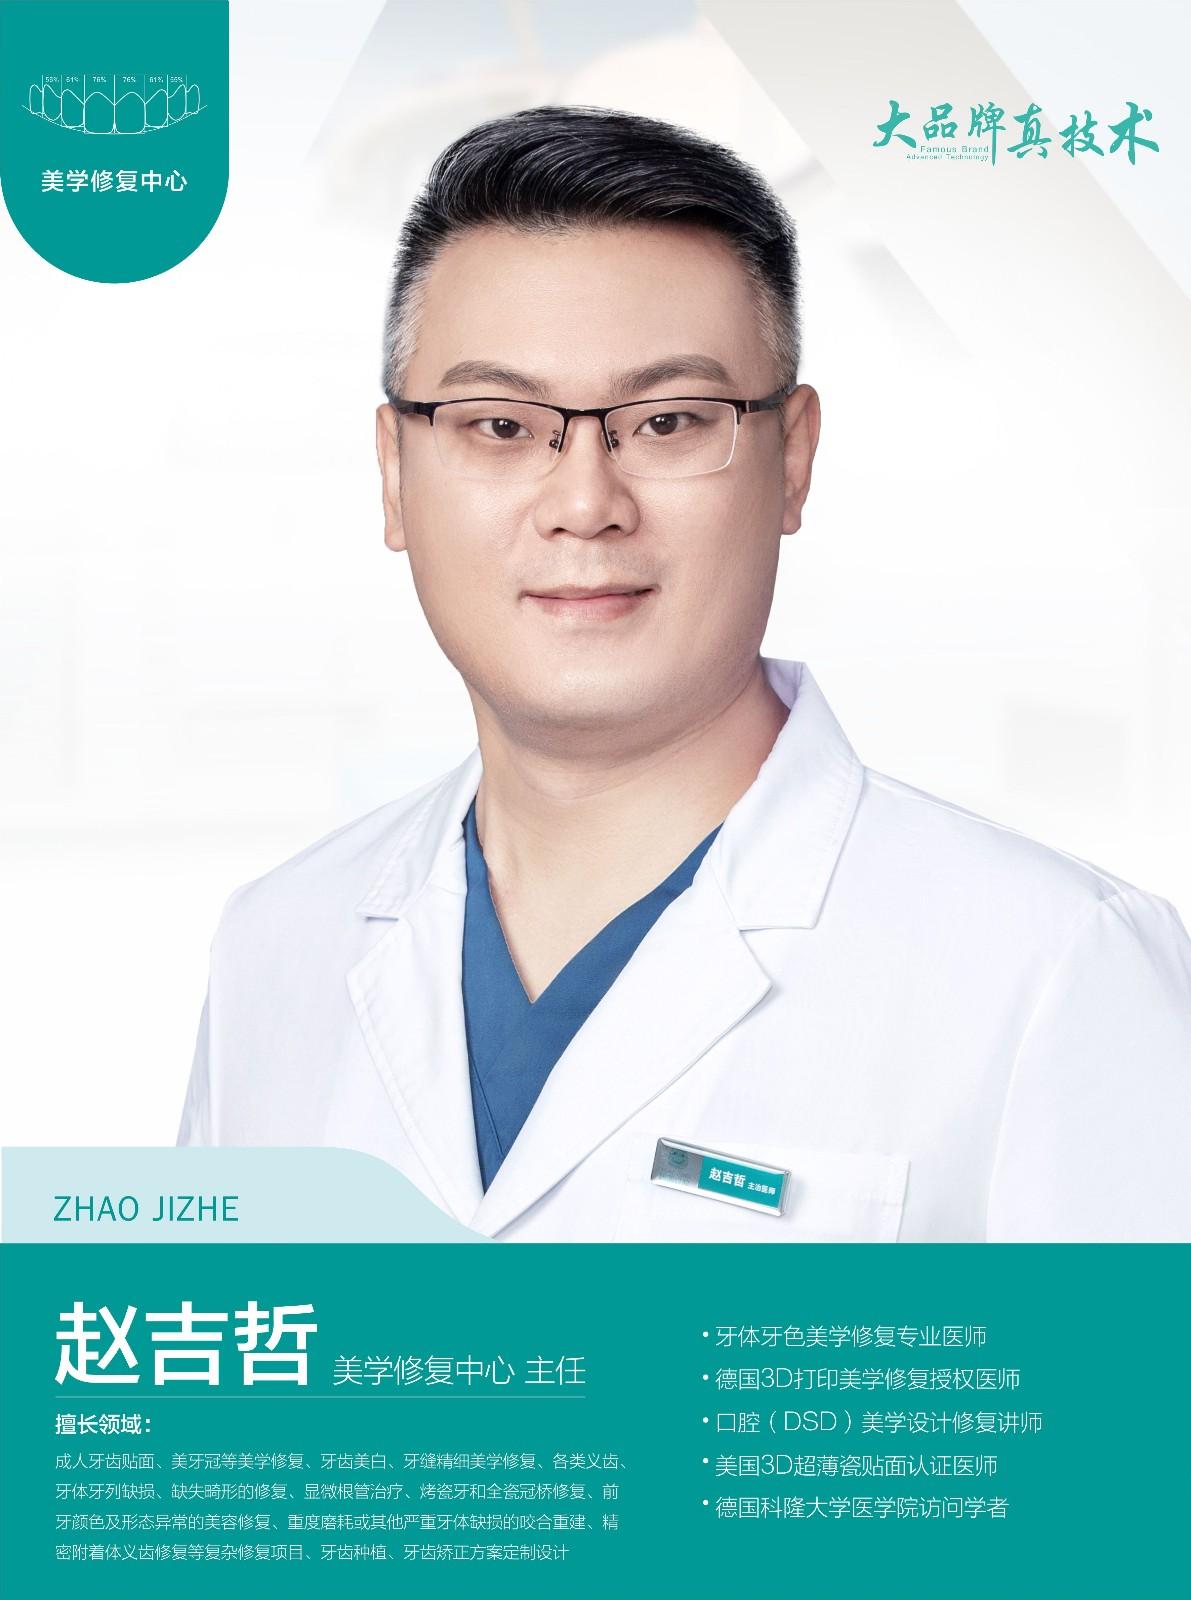 重庆团圆口腔医院赵吉哲